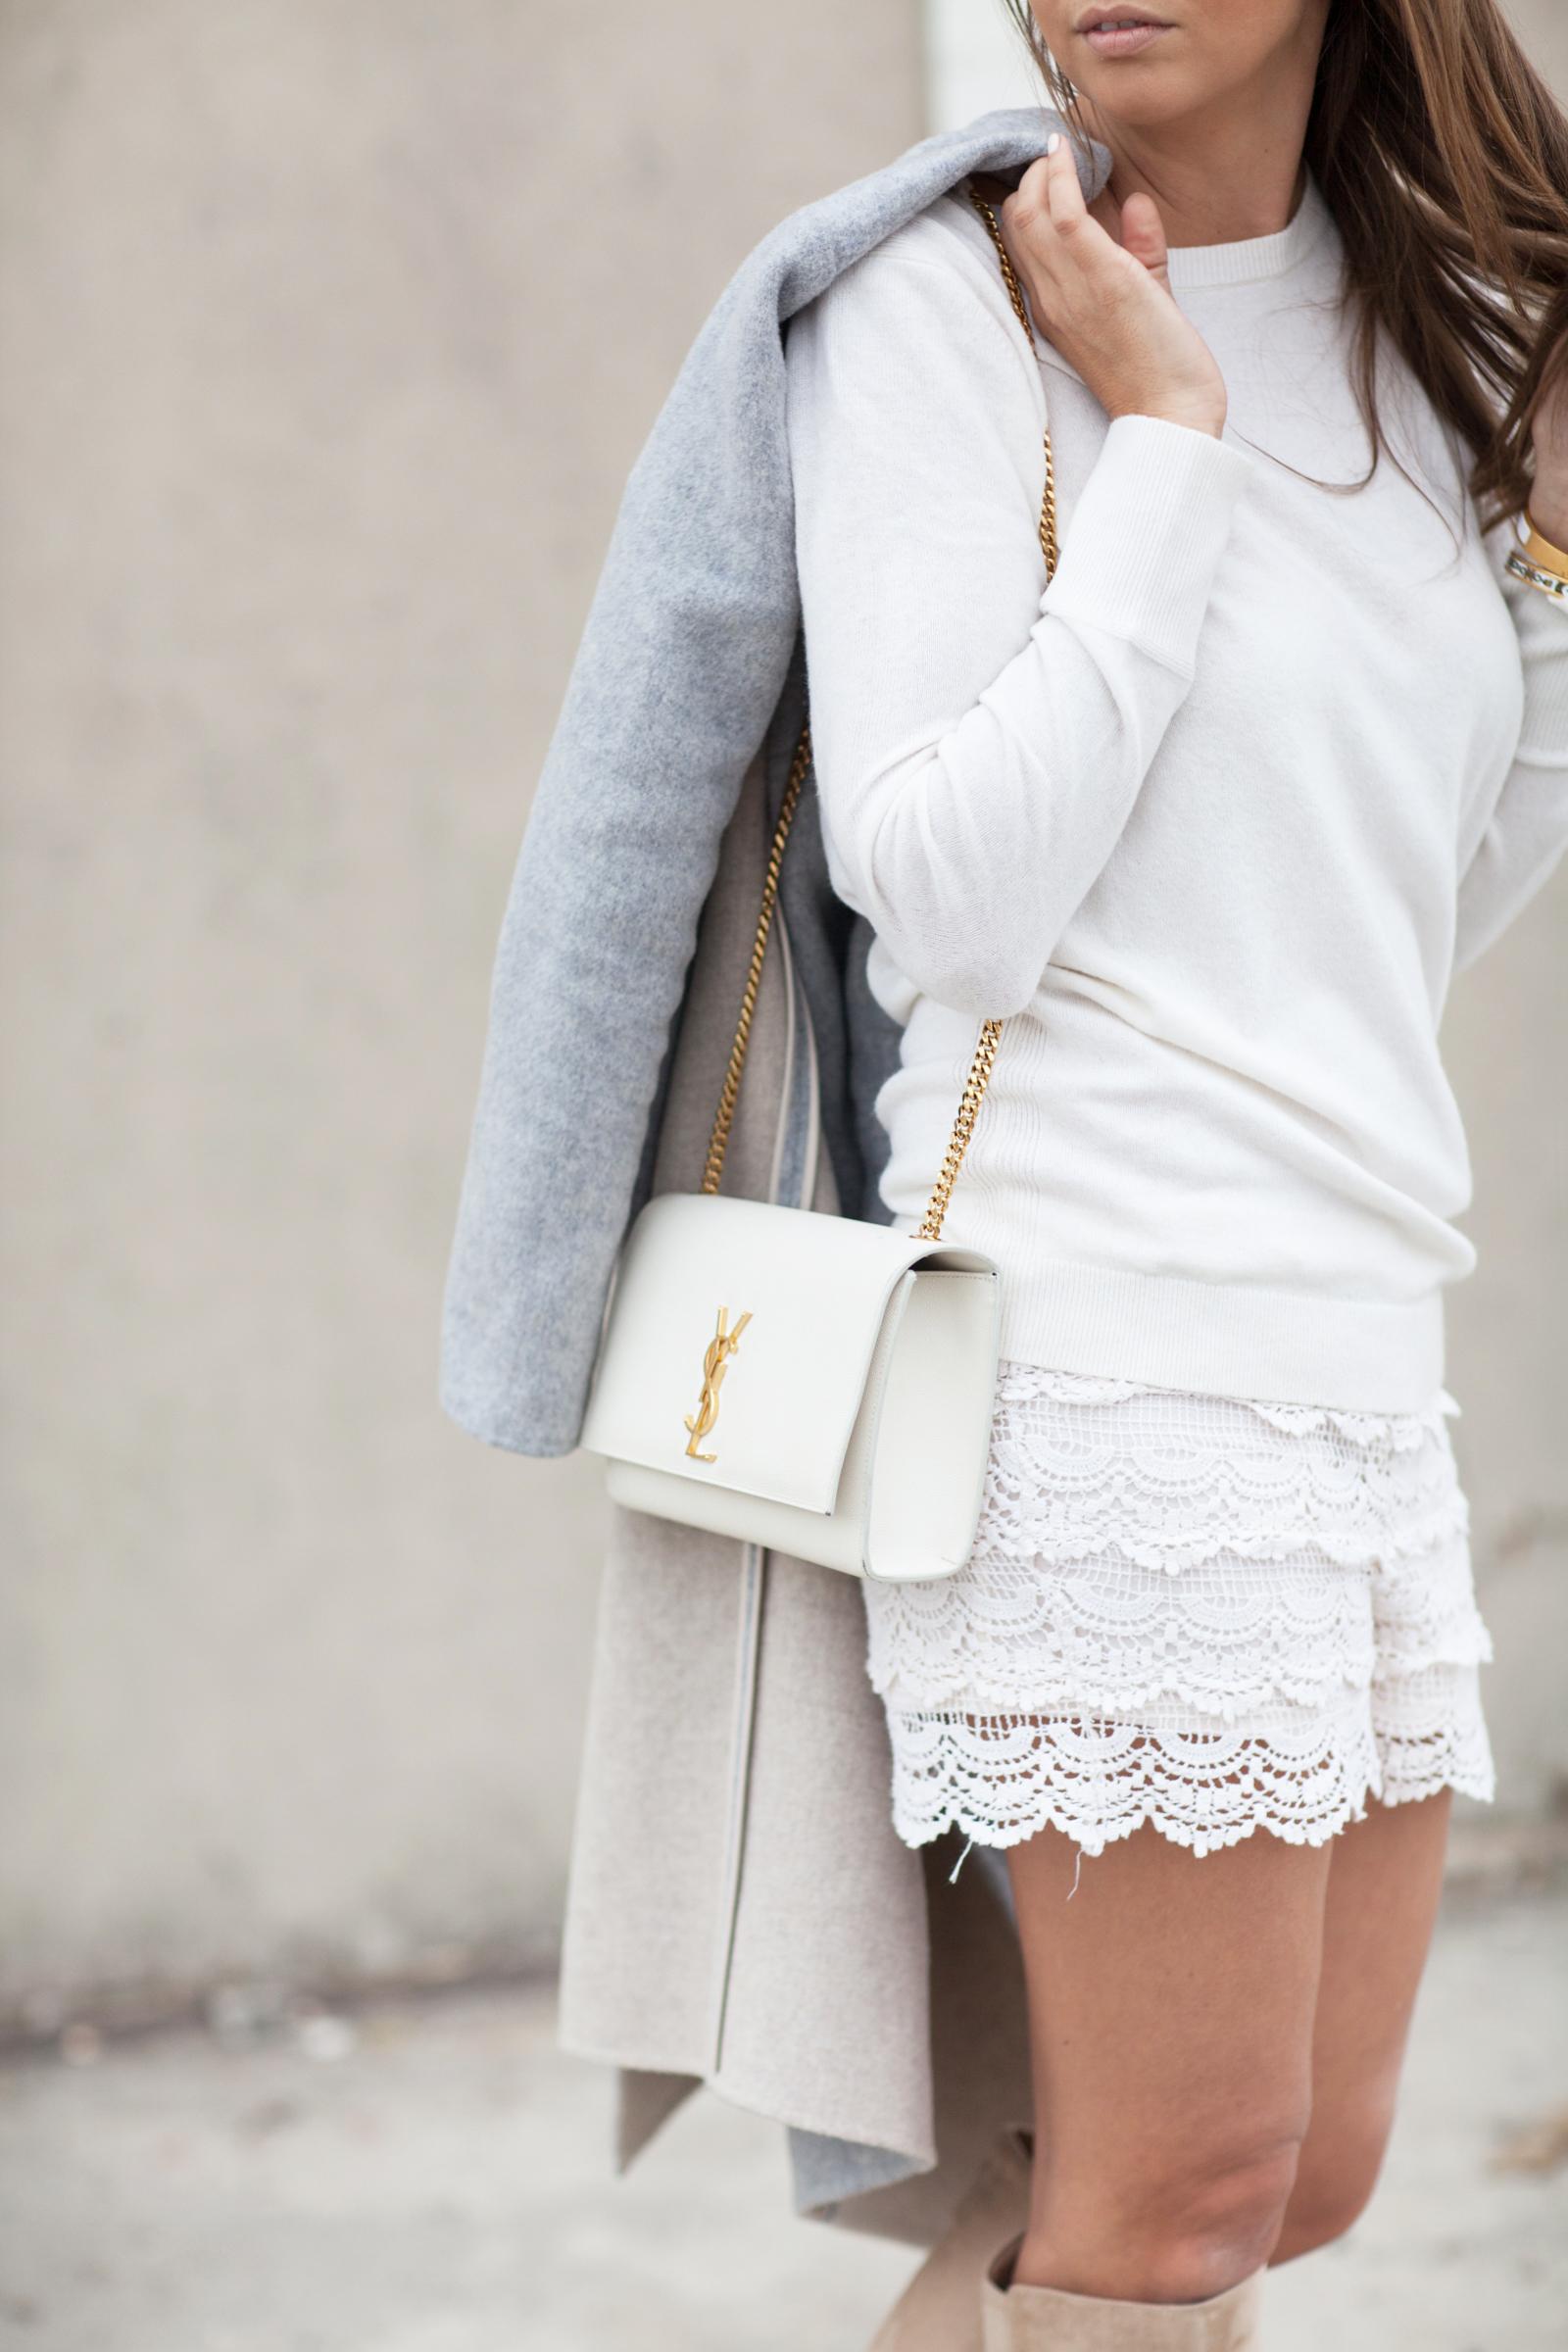 harmaa takki pitsisortsit valkoinen paita lon beach-5515